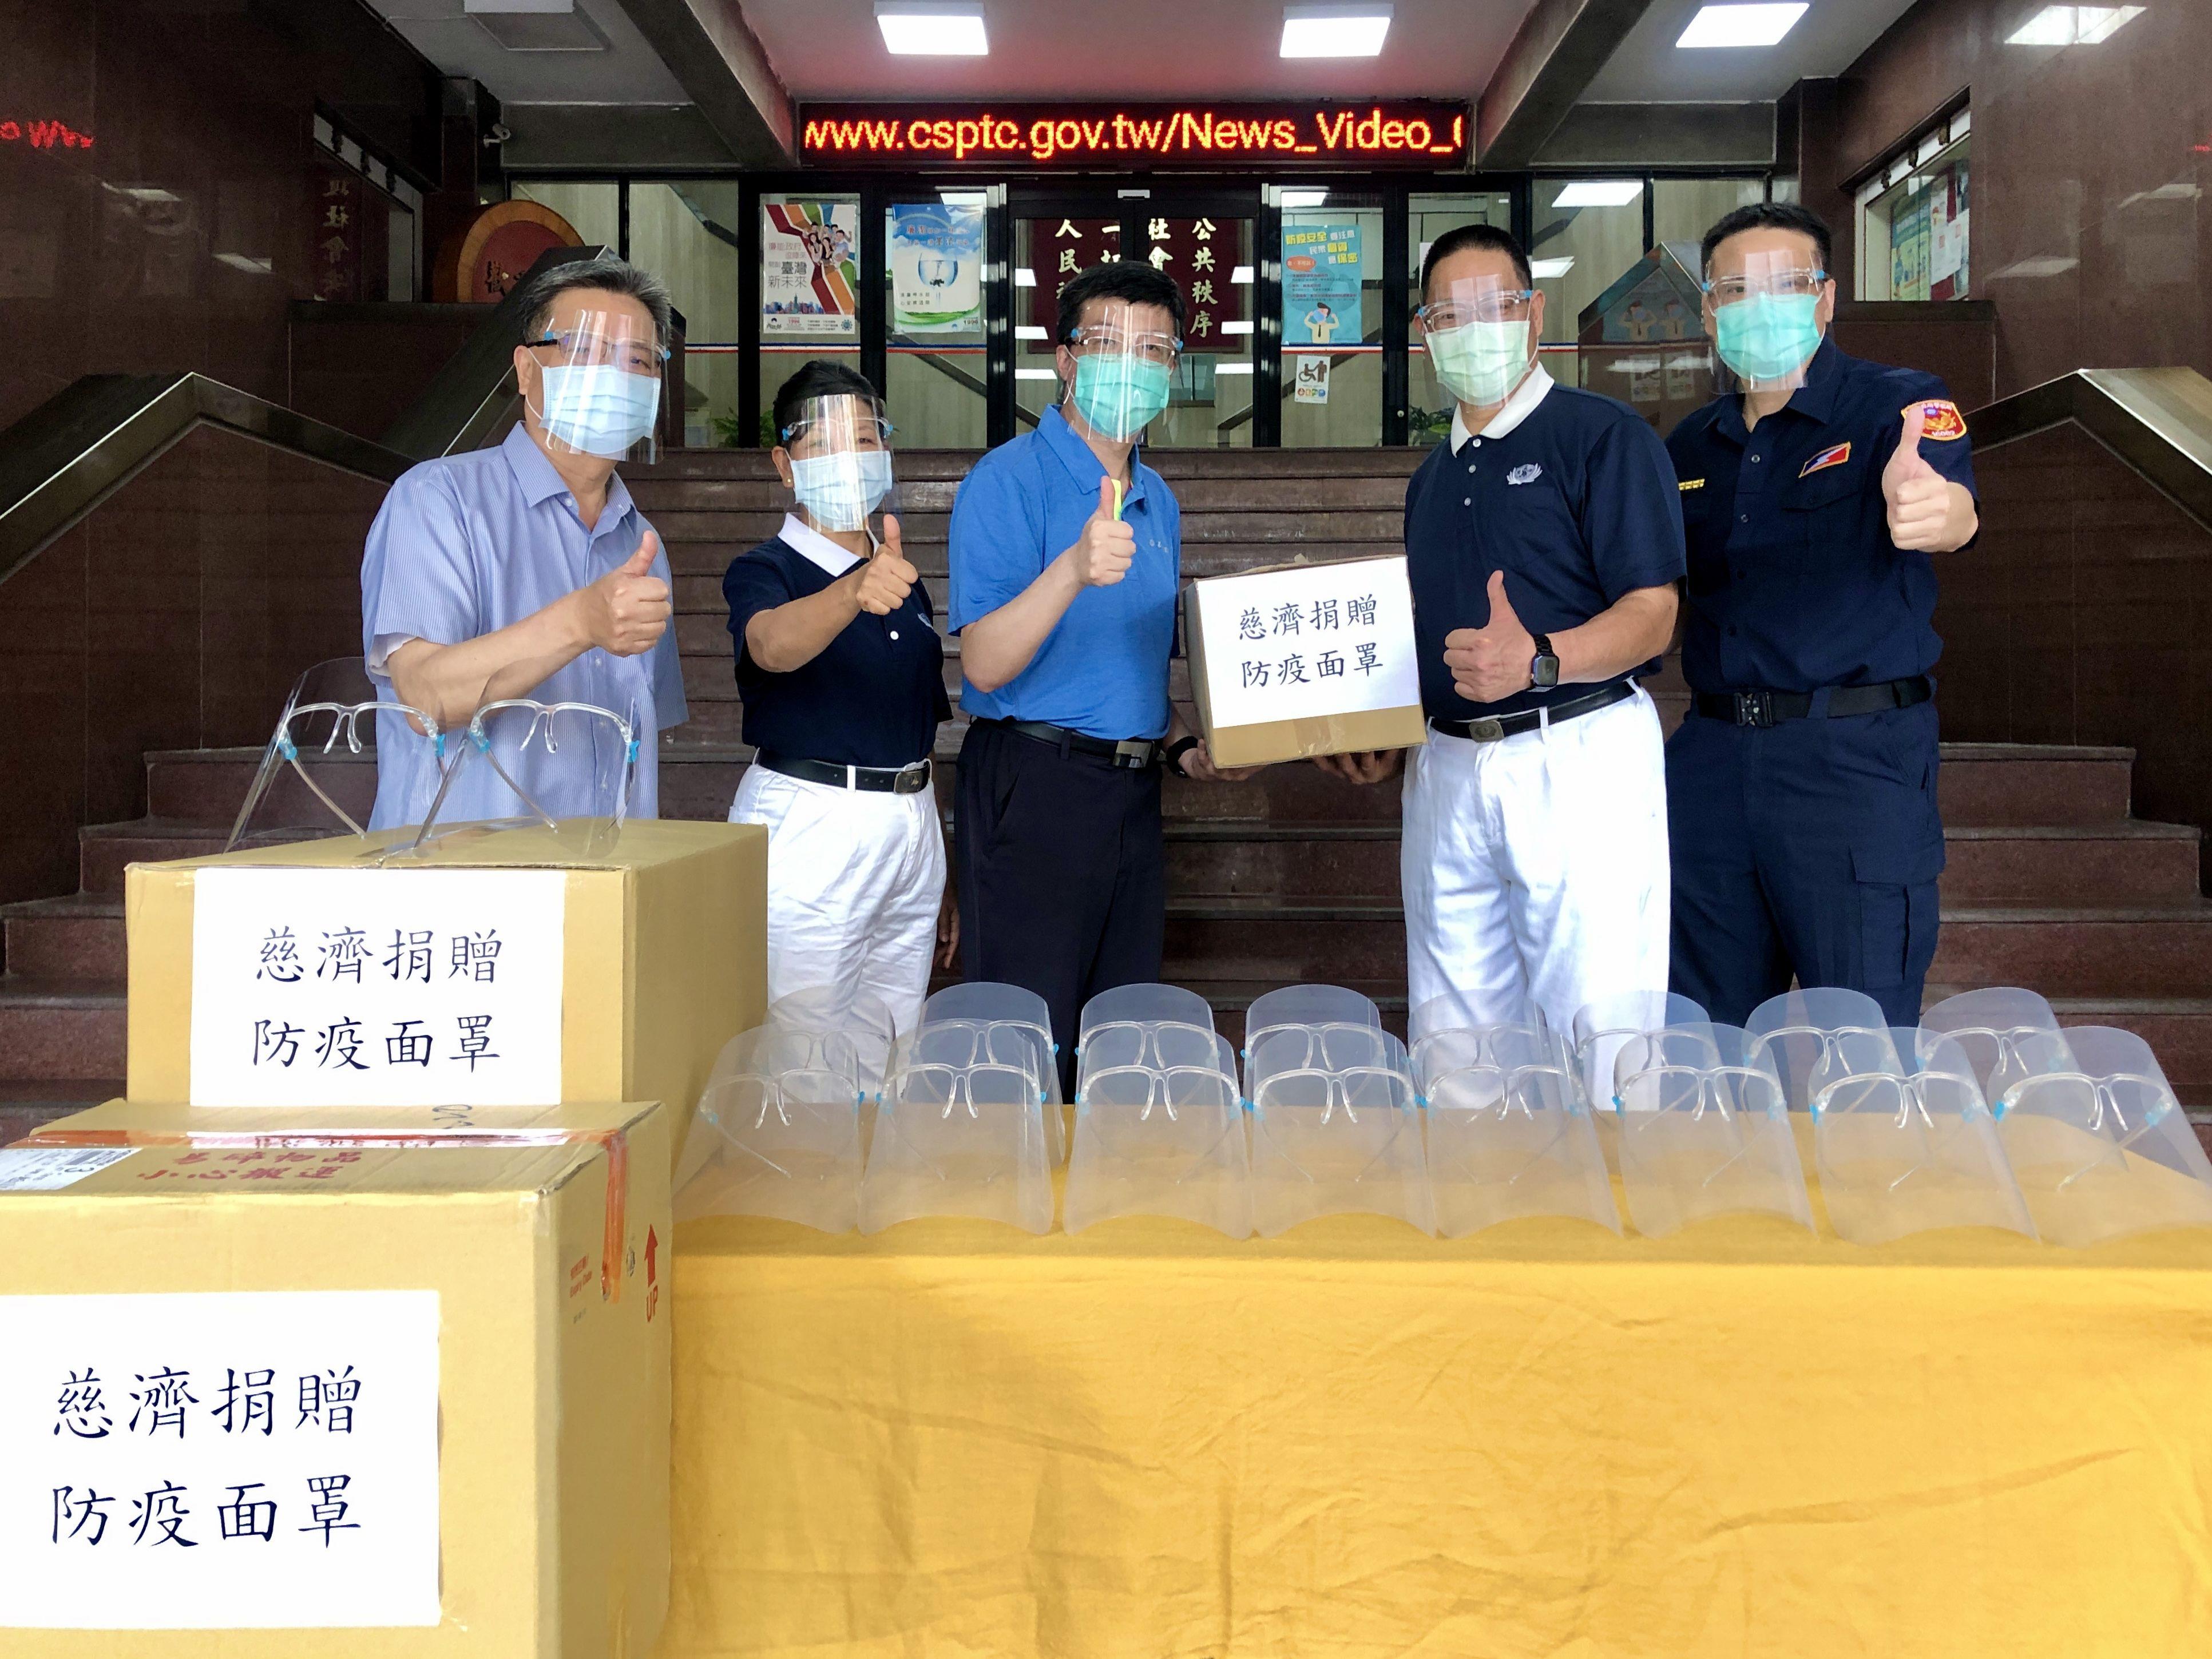 照片3-齊心抗疫 慈濟基金會再次捐贈保大警「防疫面罩」(JPG)